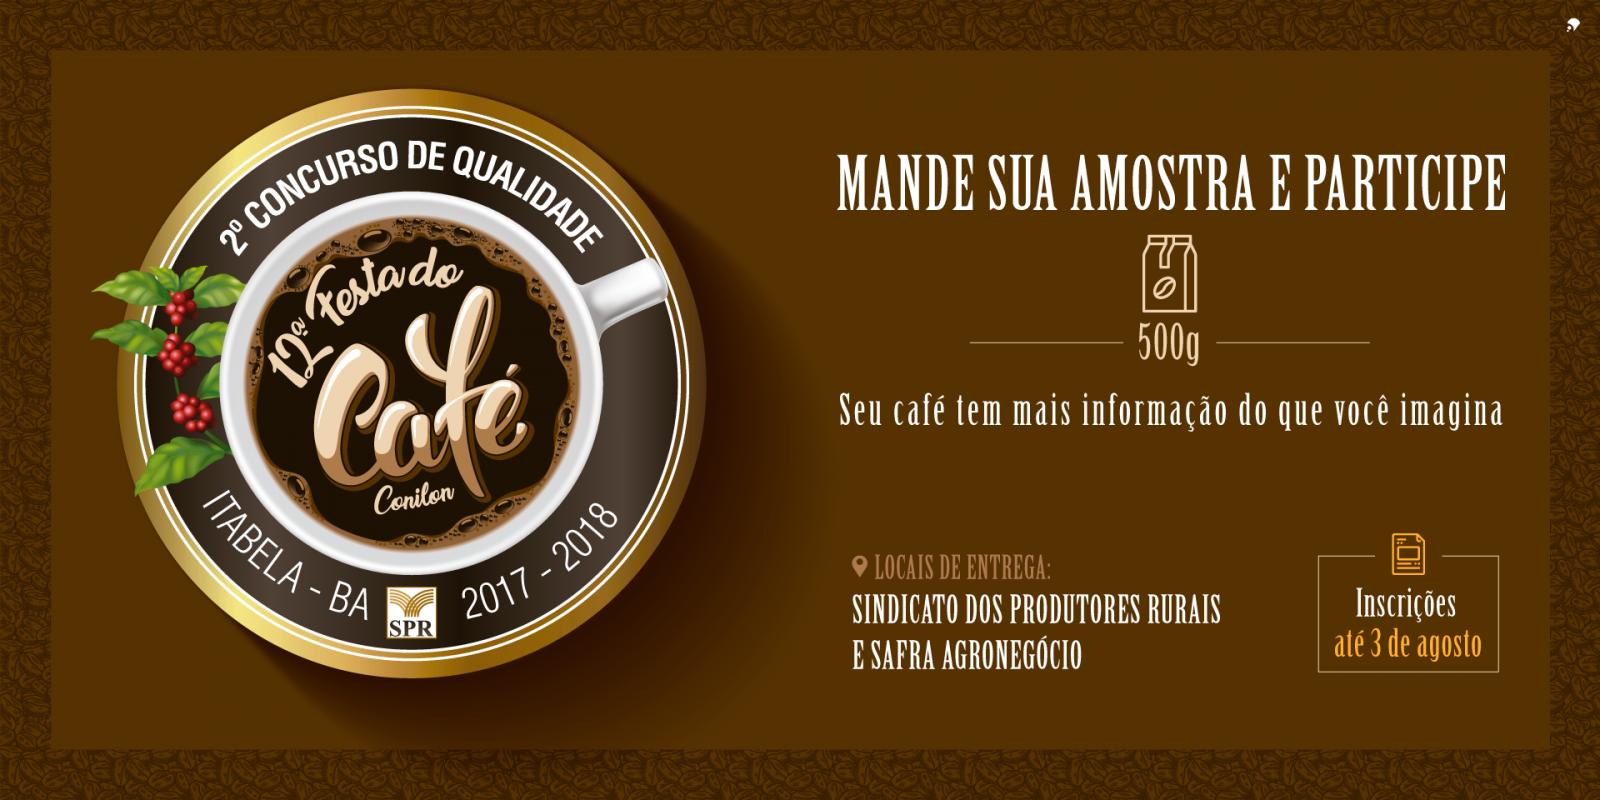 Concurso de Qualidade do Café Conilon está com inscrições abertas